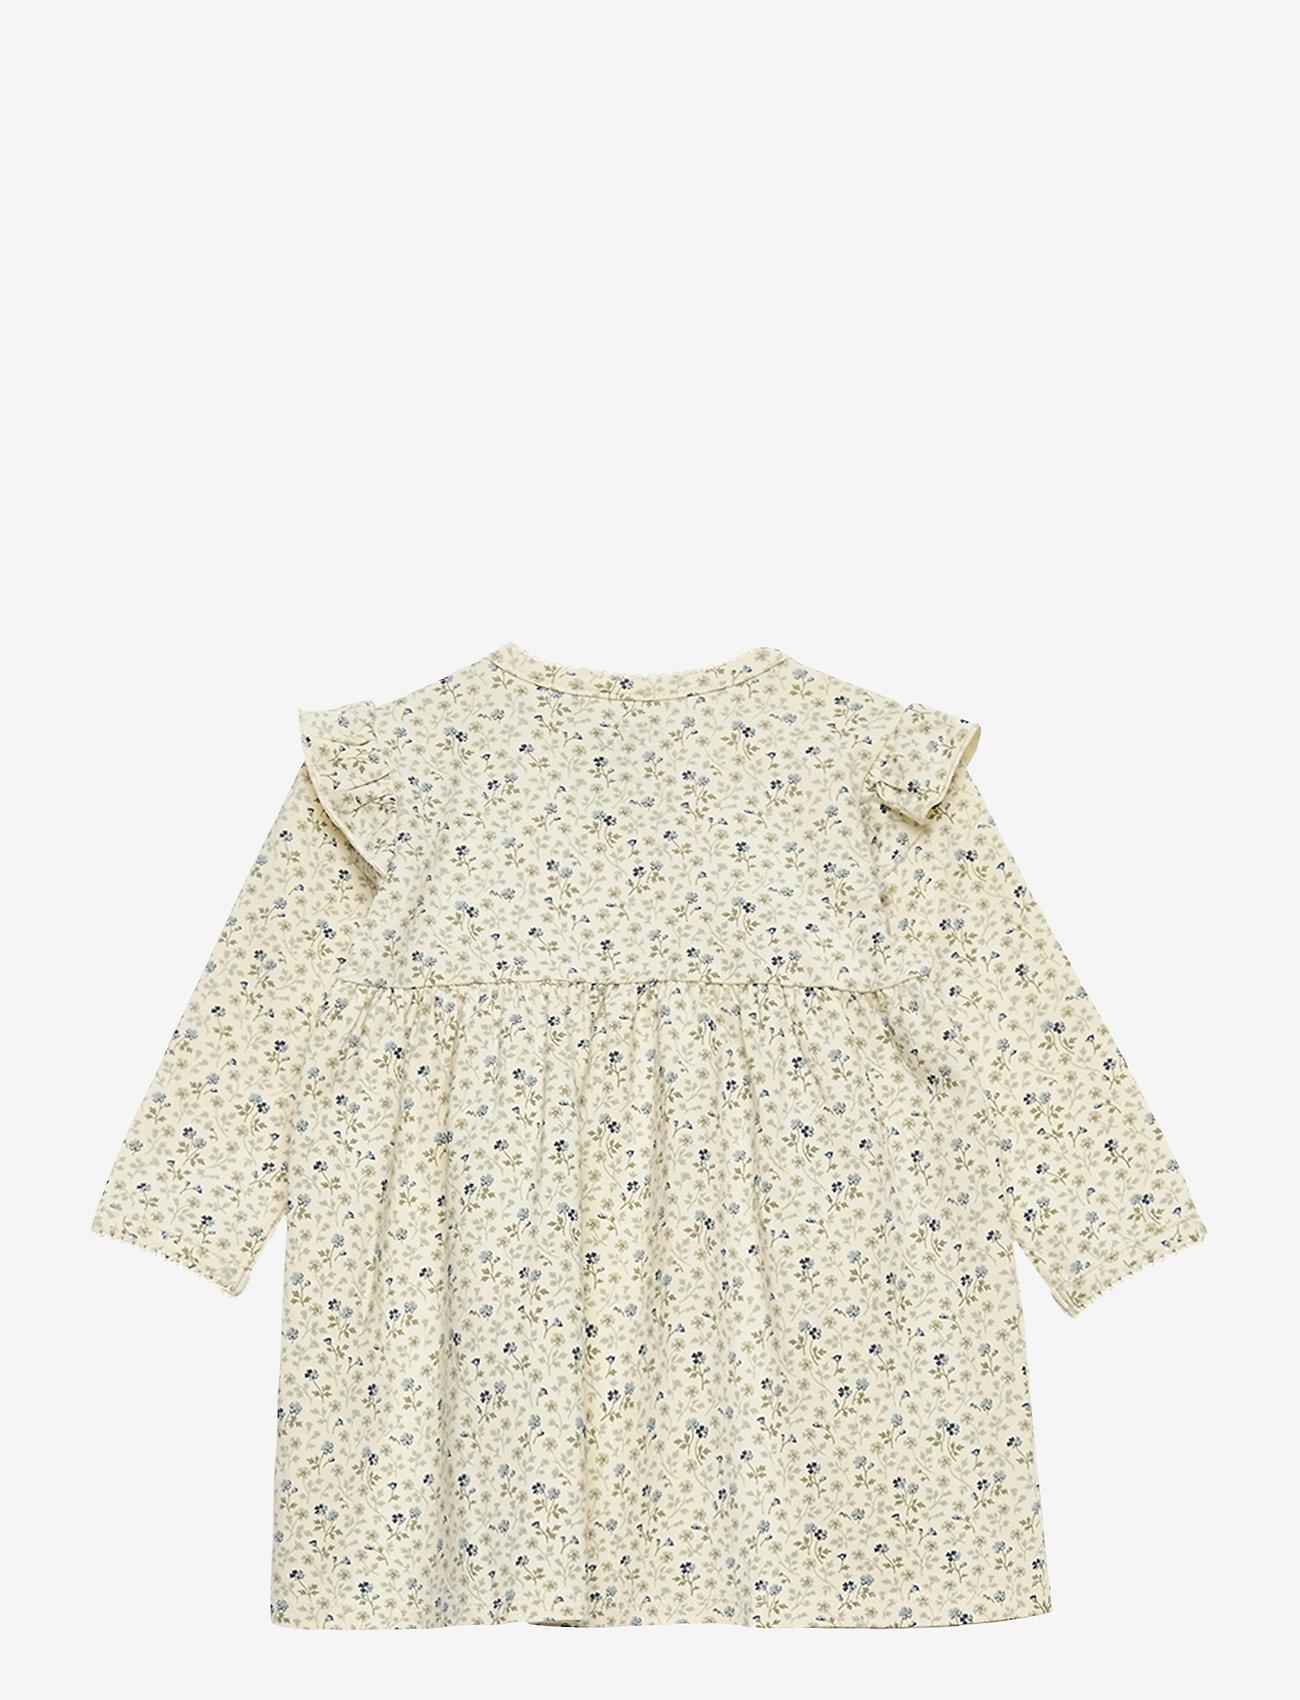 Petit by Sofie Schnoor - Dress - kleider - aop cream flower - 1